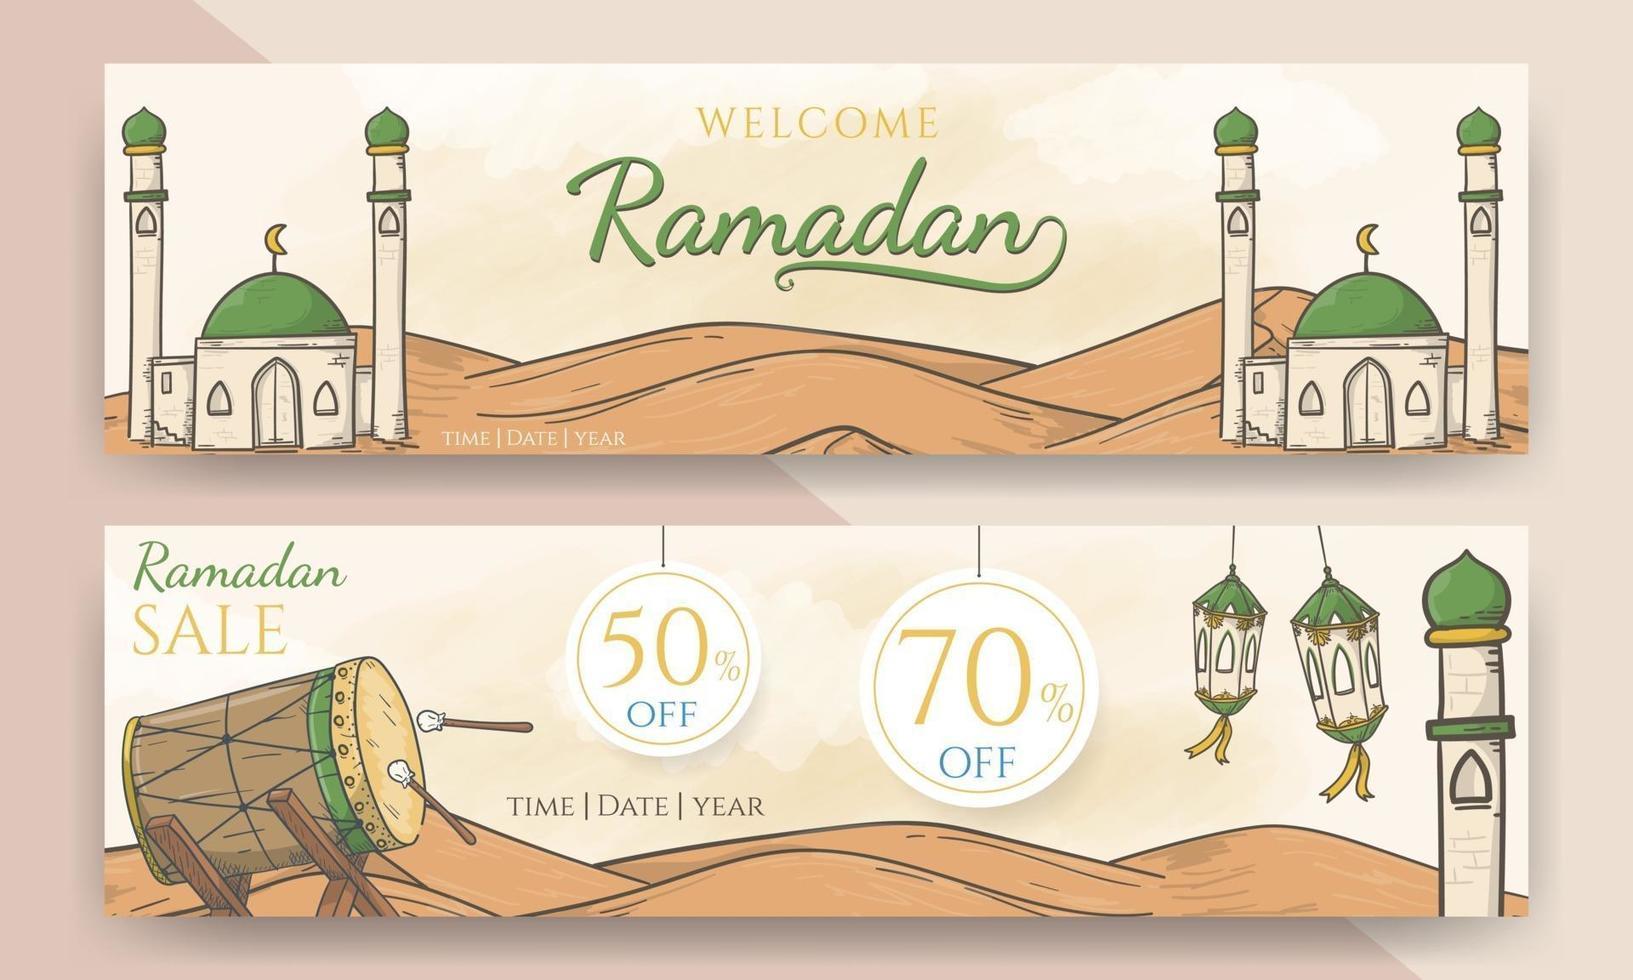 desenhado à mão ramadão de boas-vindas e banner de venda do ramadão vetor